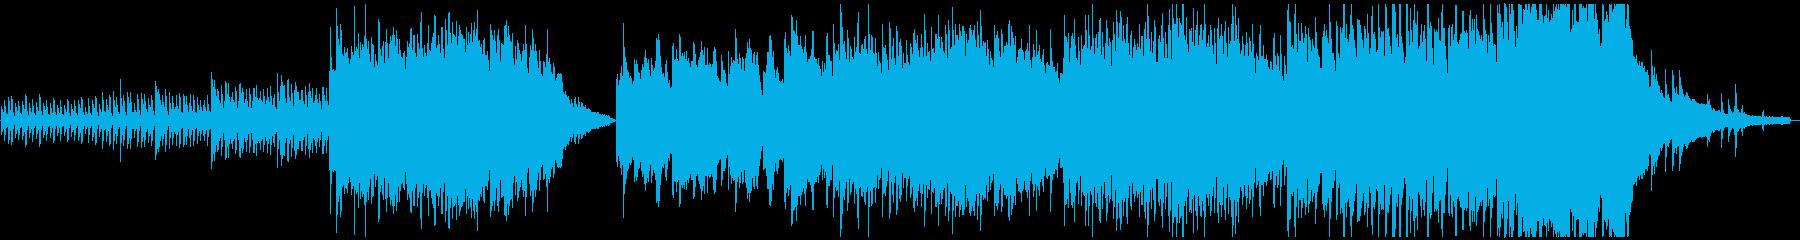 しっとりと厳かな和風ピアノBGMの再生済みの波形